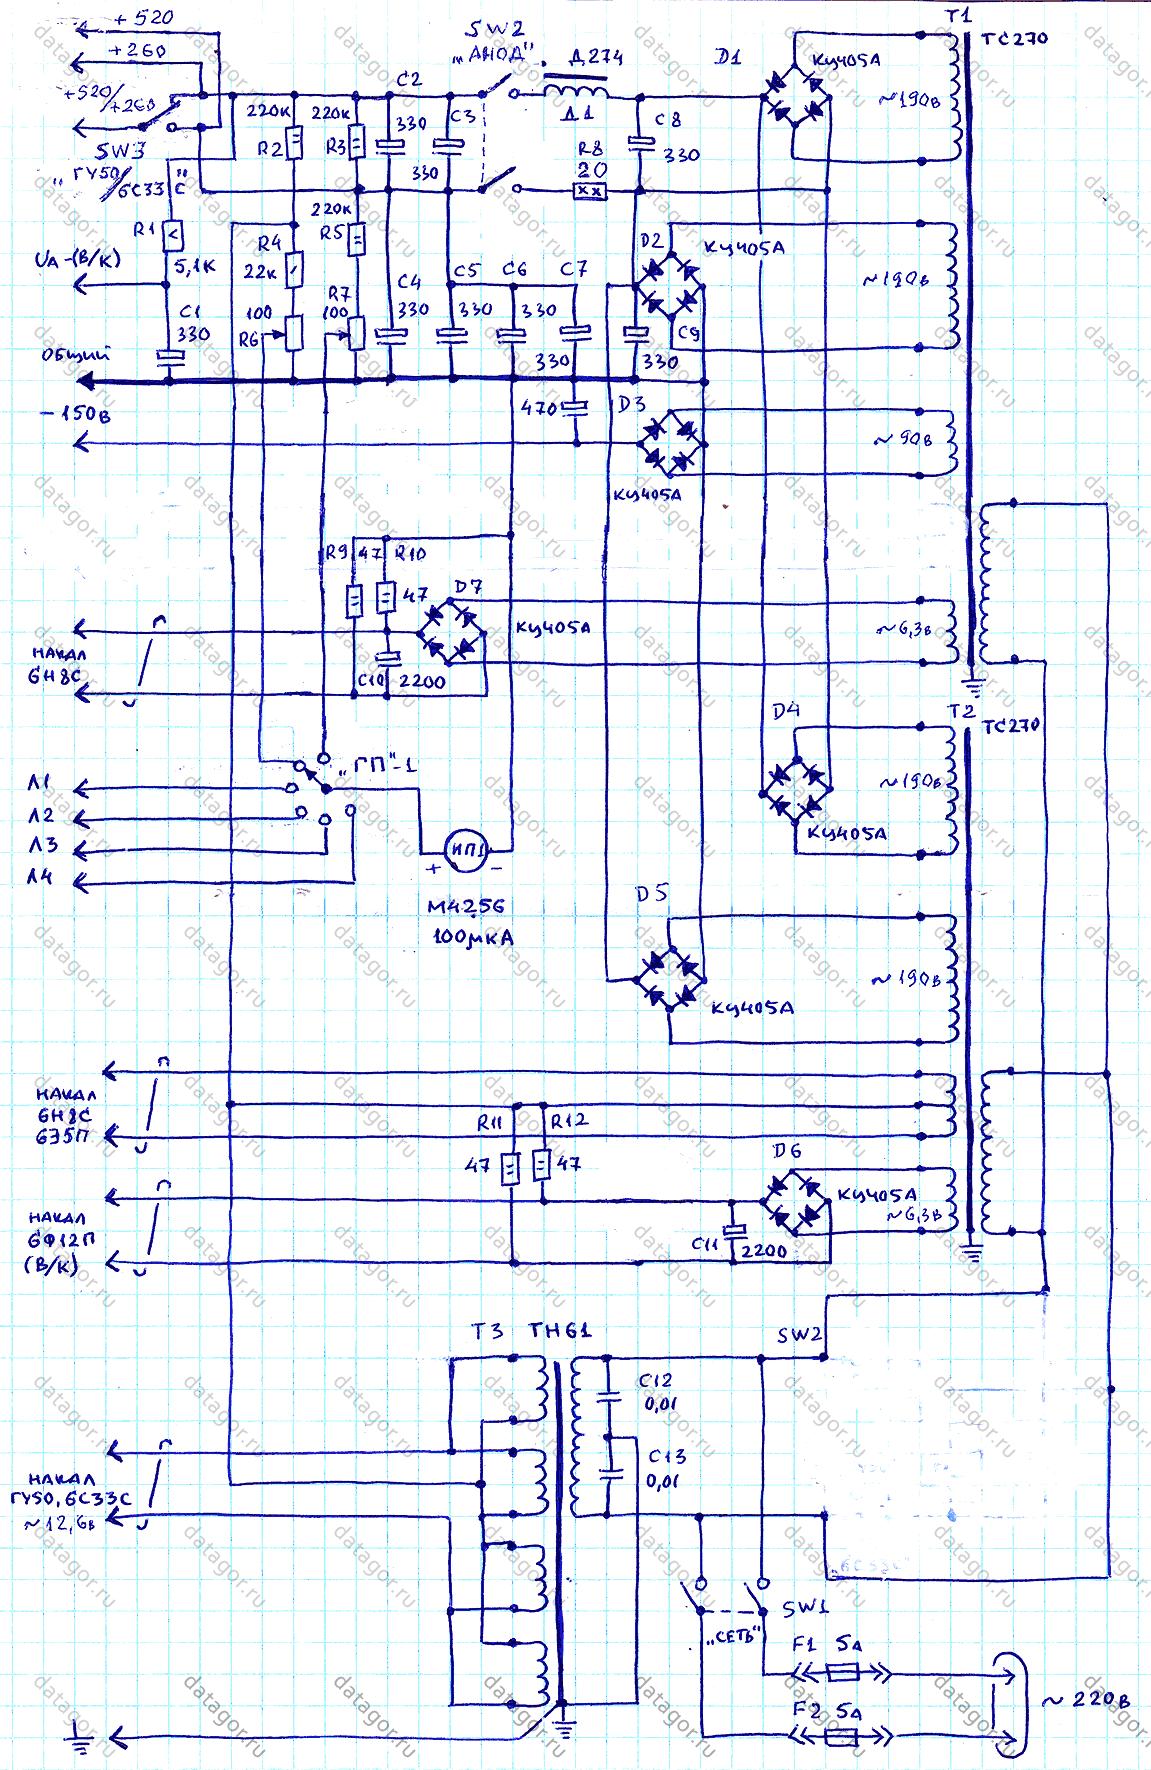 схема соединения обмоток генератора твв-160-2 еу2